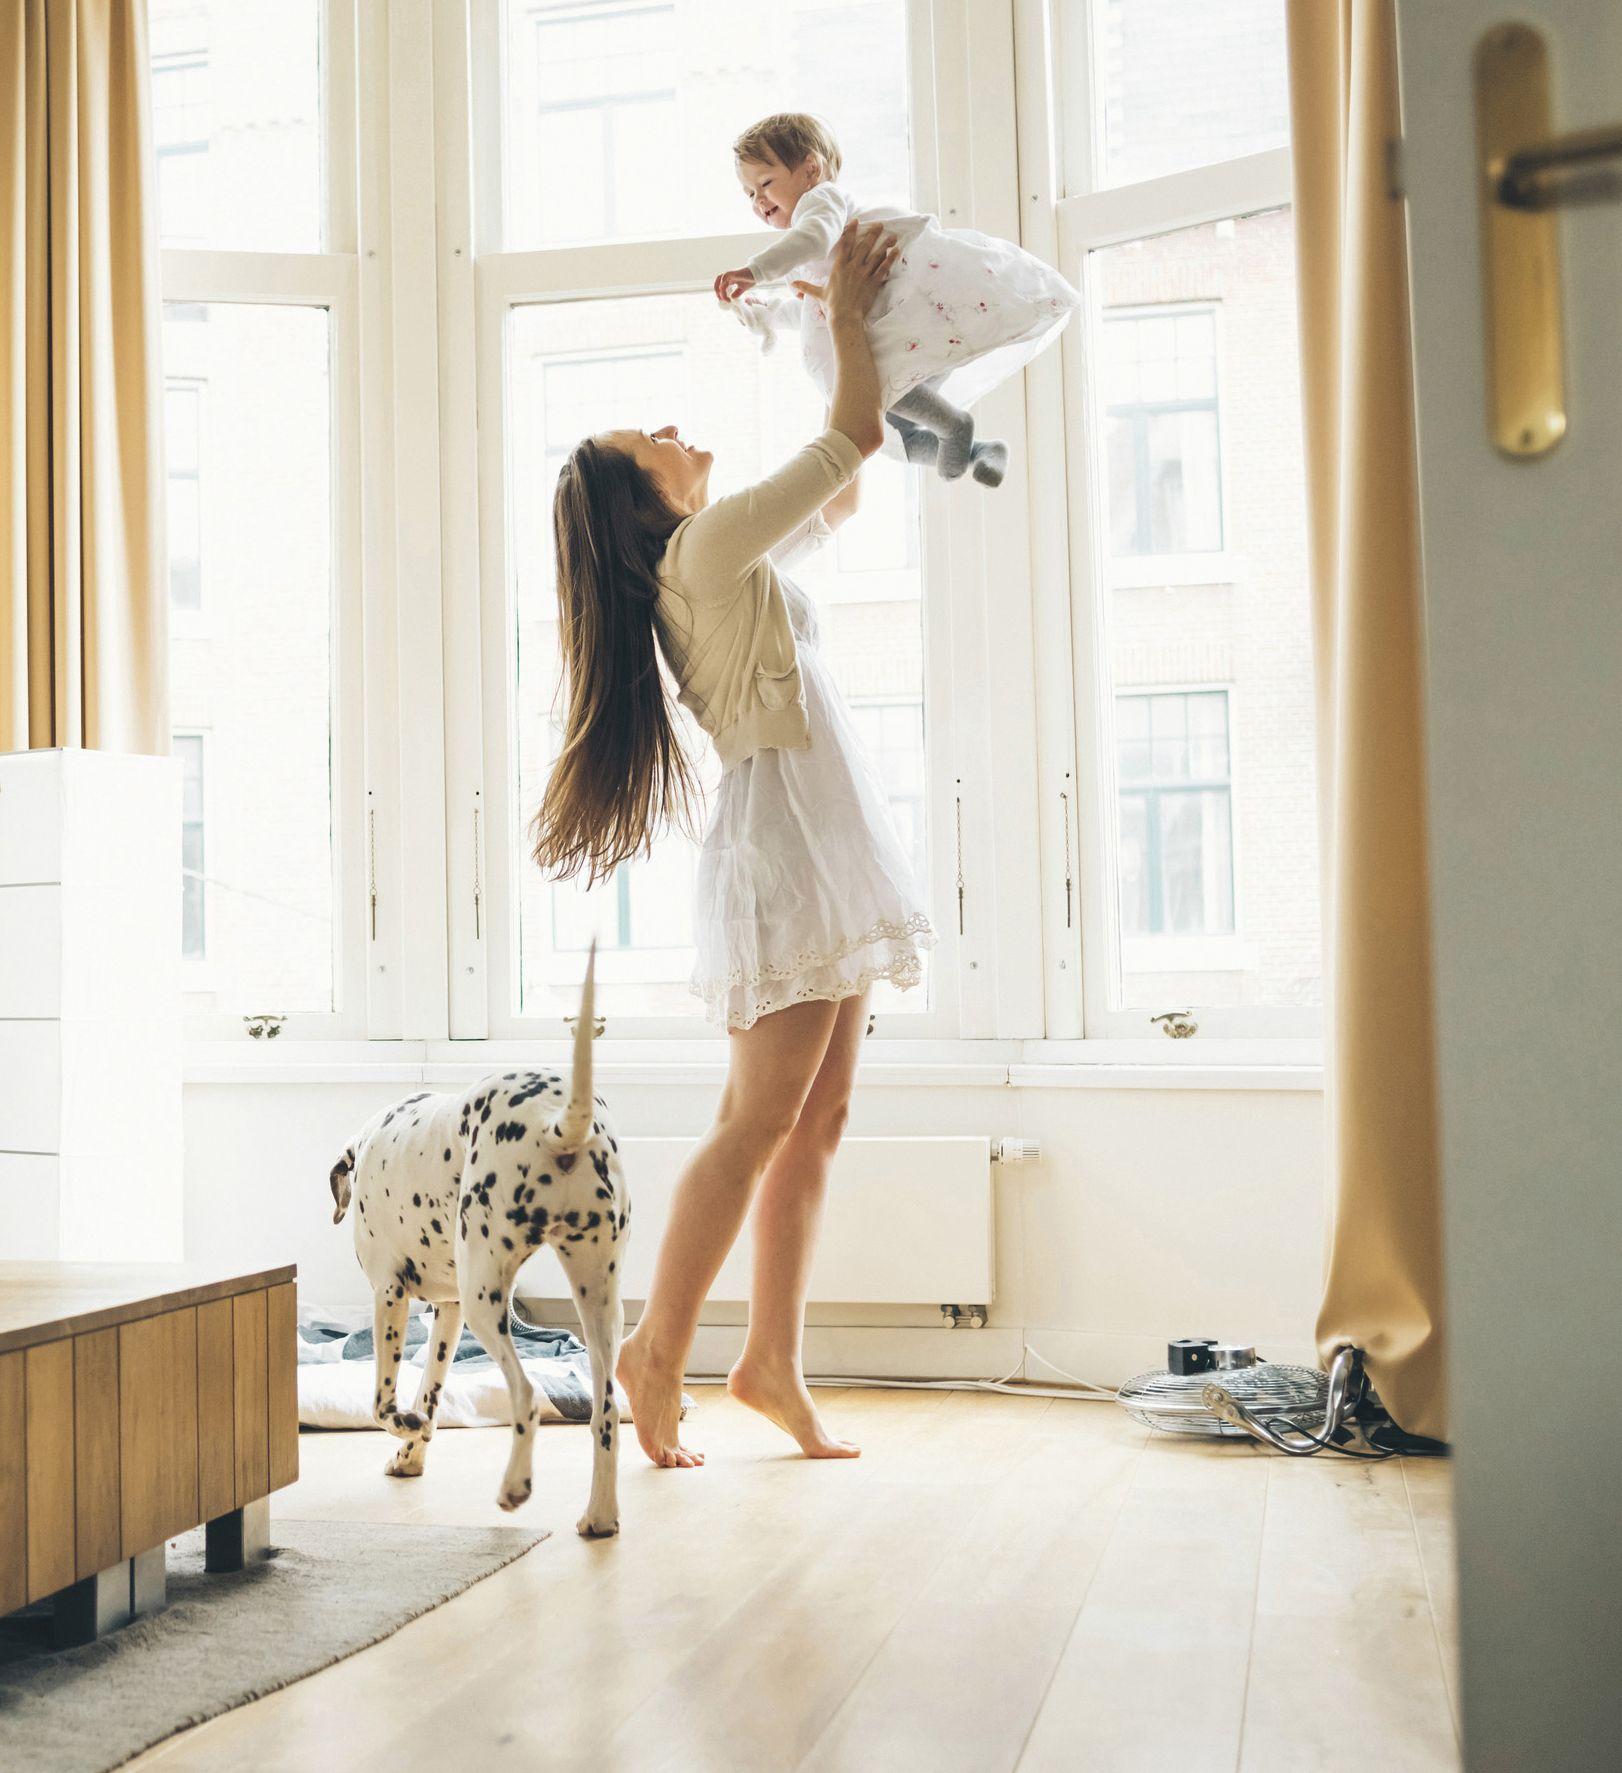 Lipödem Nach Schwangerschaft